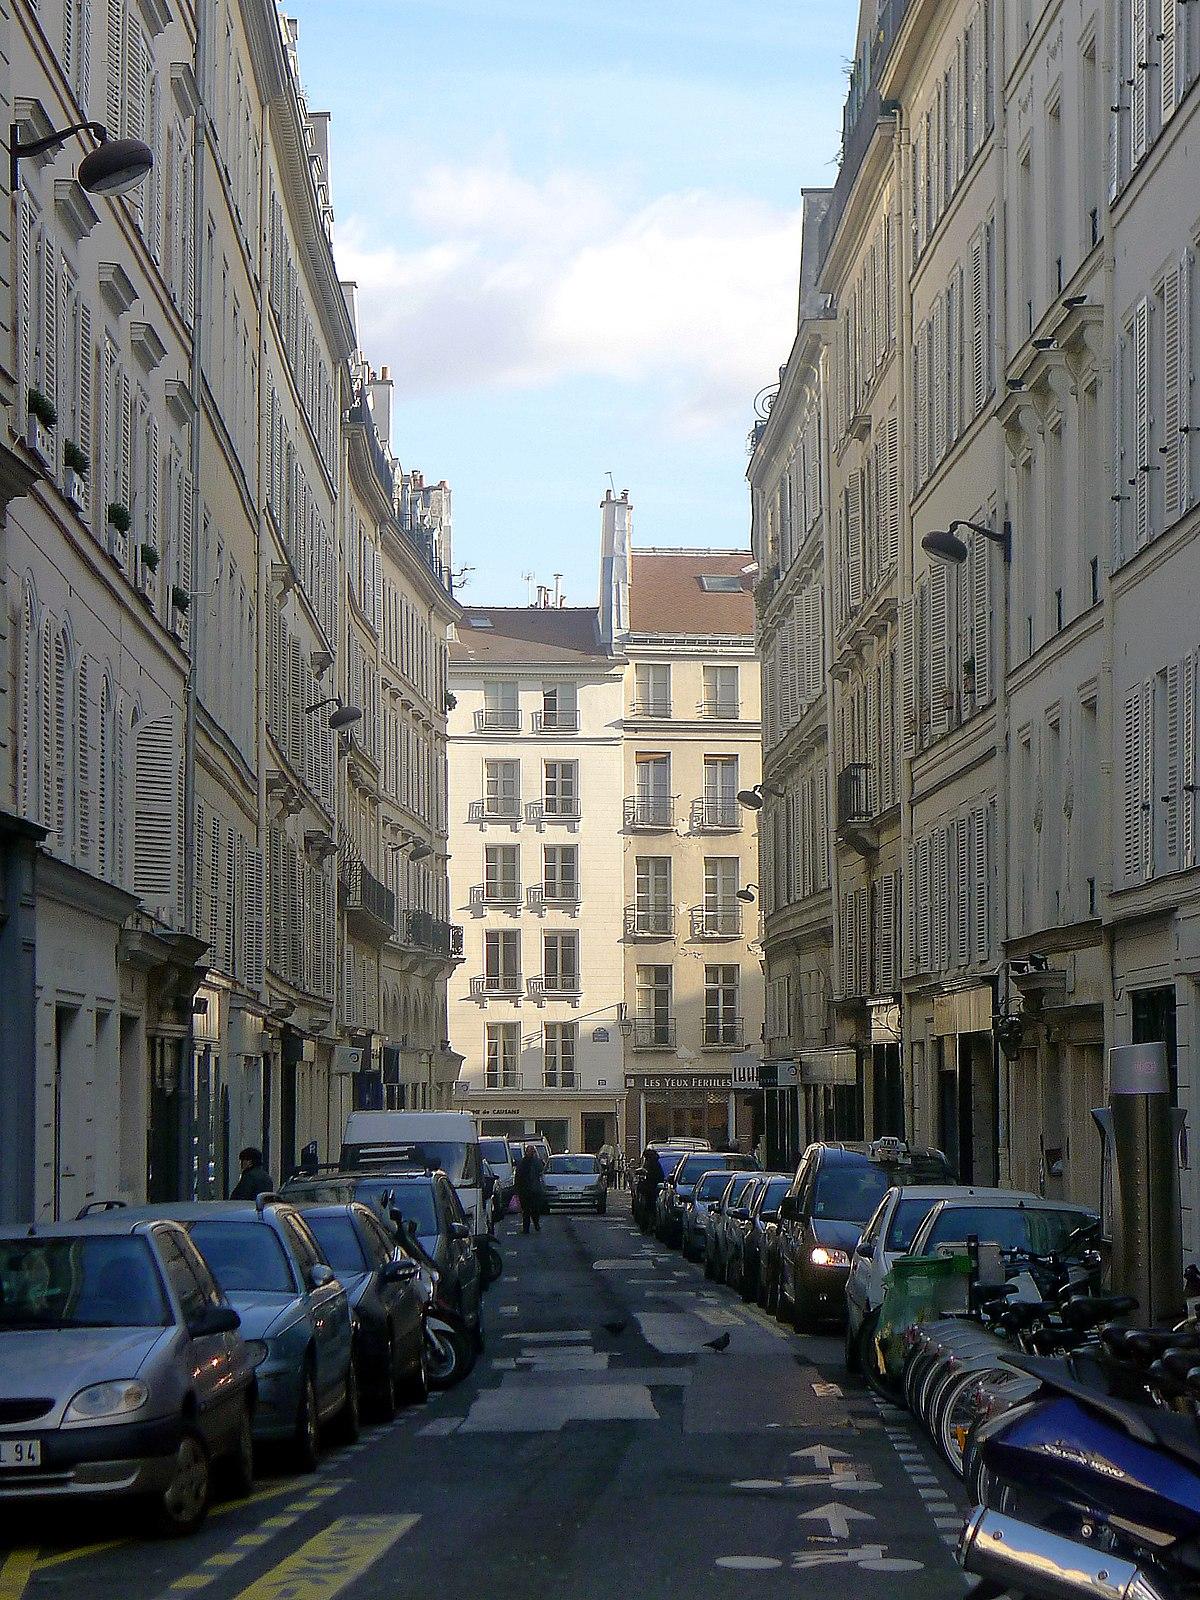 Rue des beaux arts wikip dia - Rue des beaux arts ...